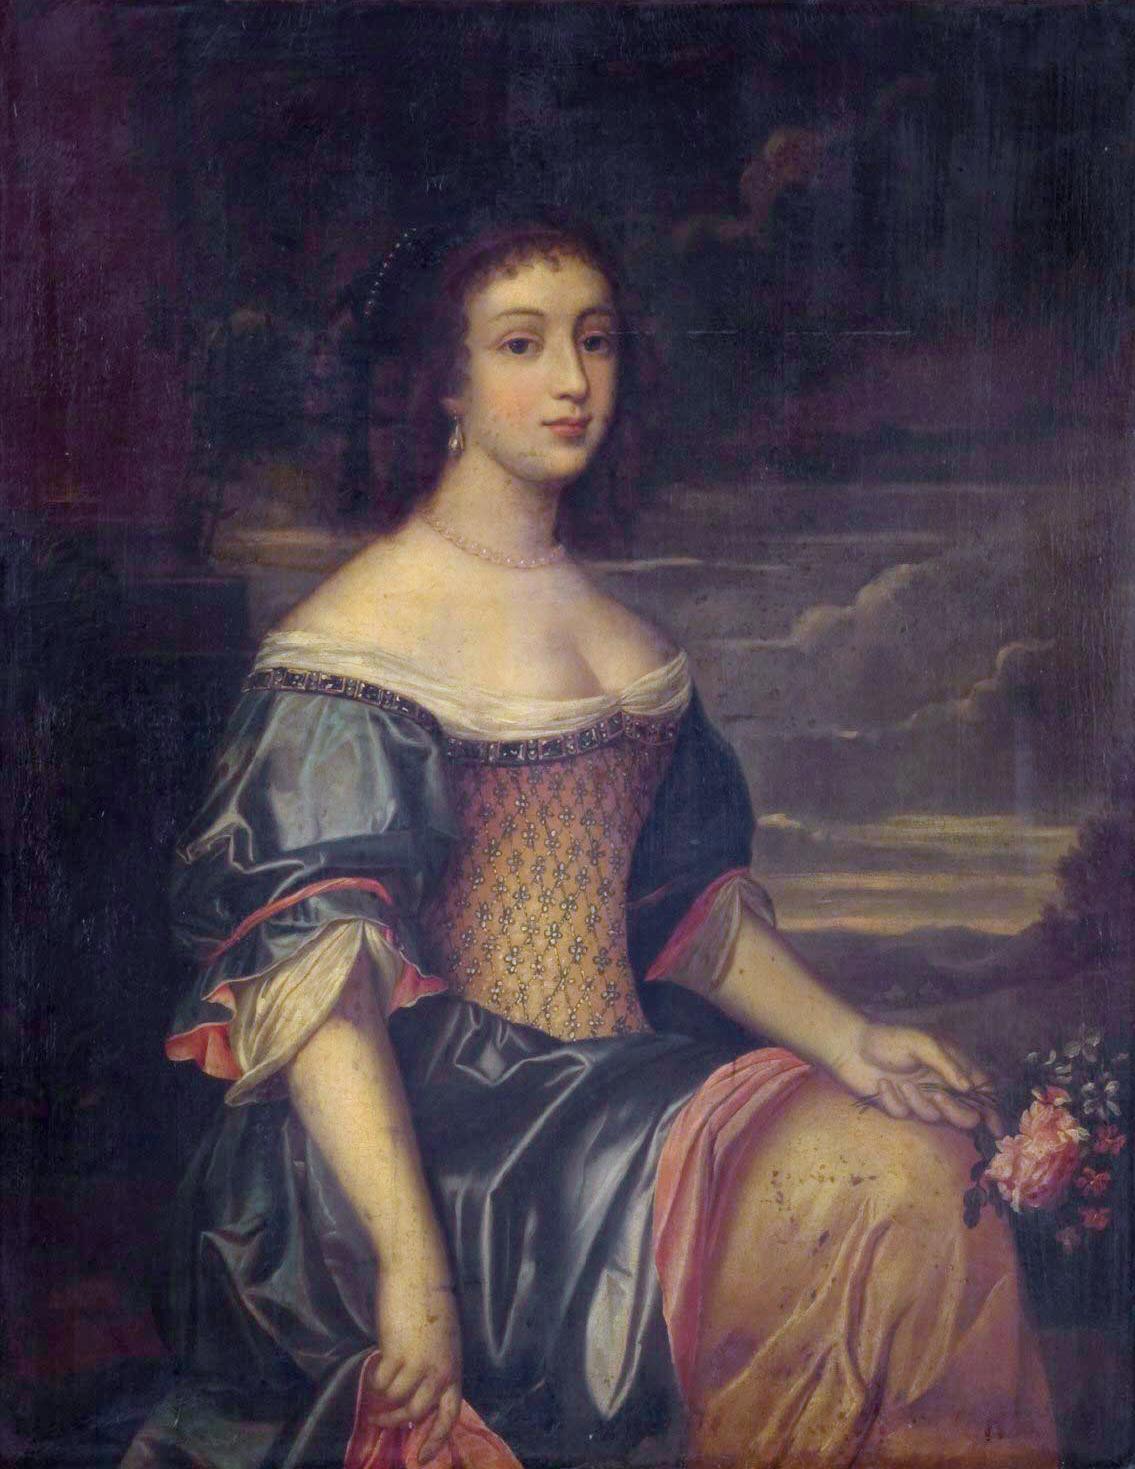 Файл: Герцогиня де Шевреус.jpg - Википедия